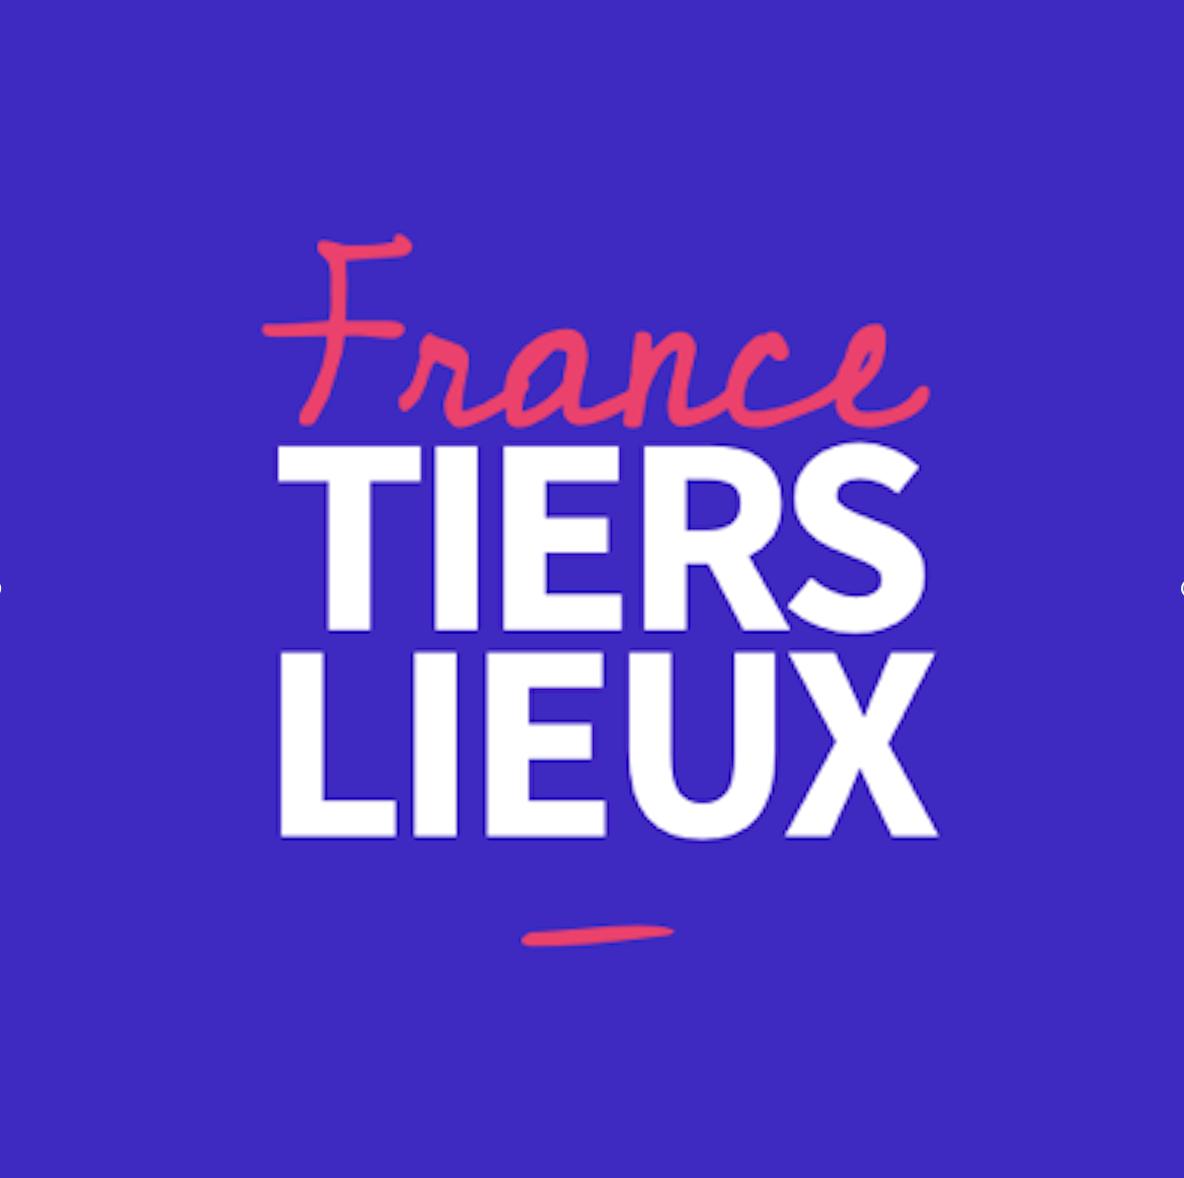 France Tiers Lieux